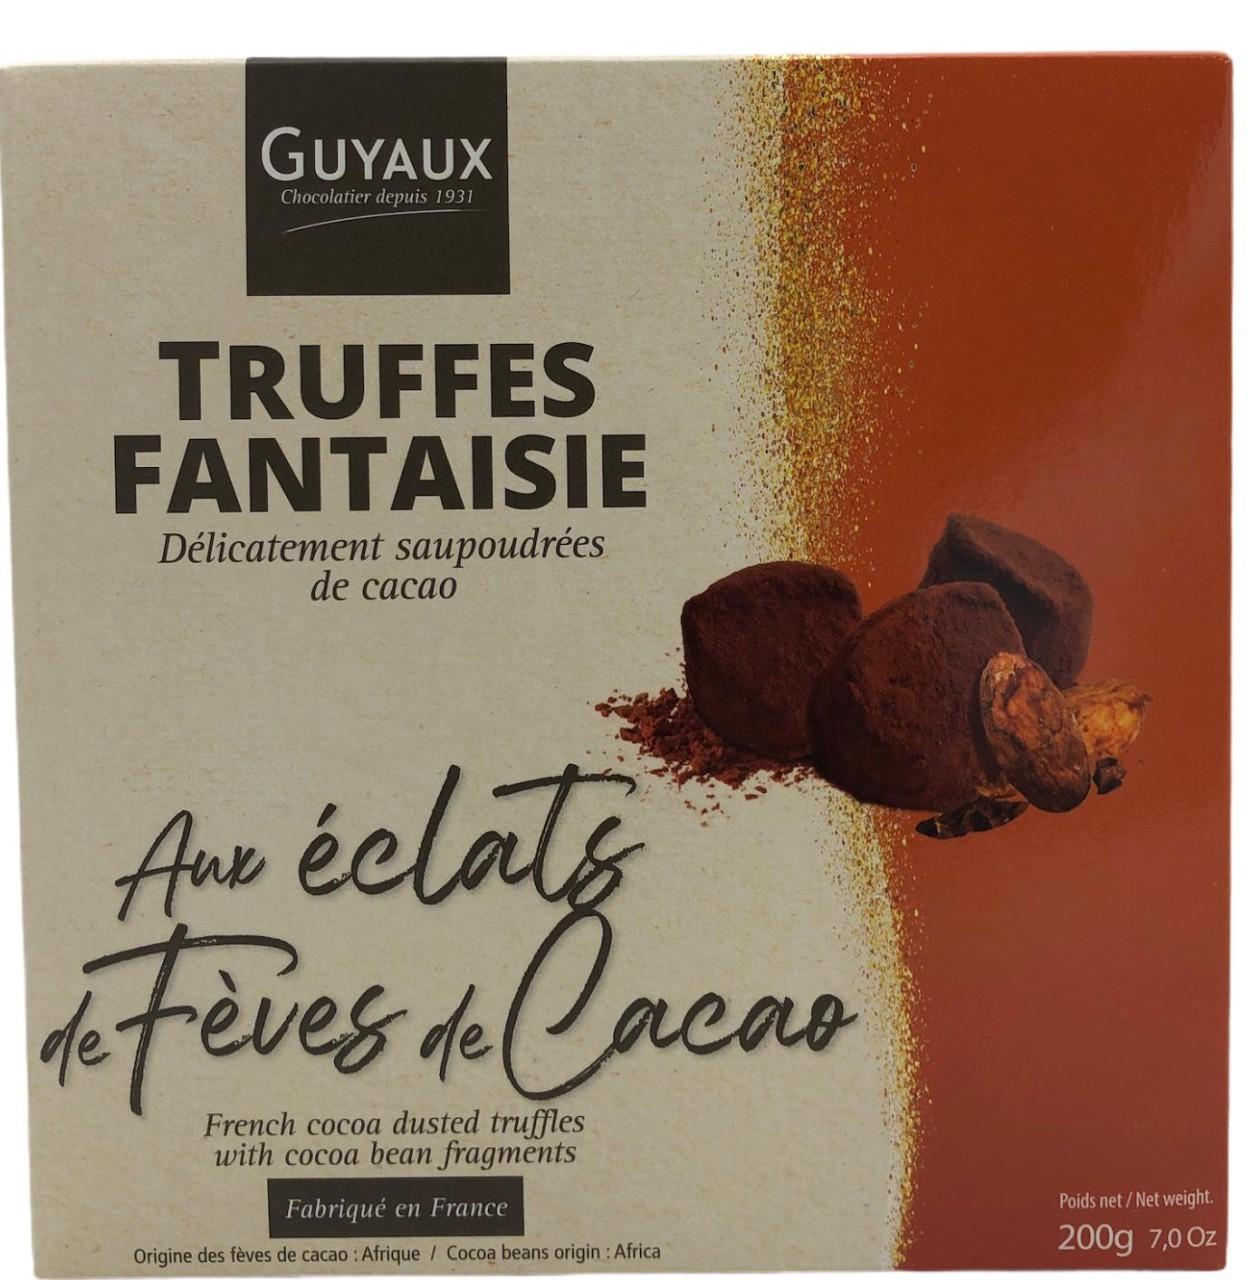 Guyaux Truffes Fantaisie aux eclats de Feves de Cacao 200g